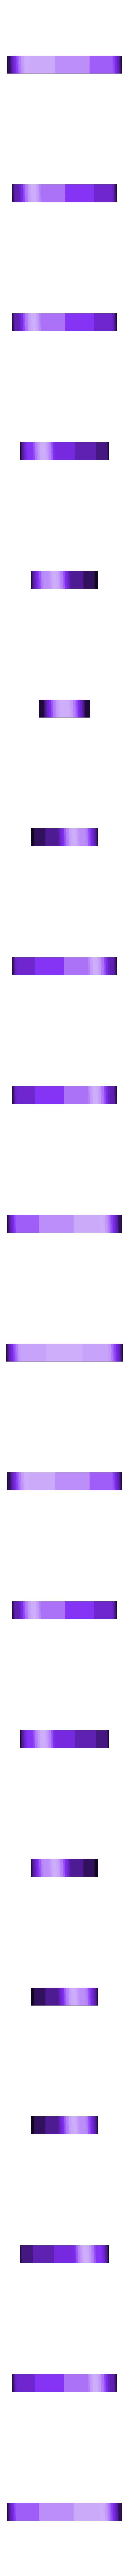 BLTouch_Spacer_4mm.STL Télécharger fichier STL gratuit Un support d'extrudeuse Stock-ish pour Anet A8 et Alike ! (Inclut la chaîne et la monture ou sans chaîne !) • Objet pour impression 3D, MorganLowe